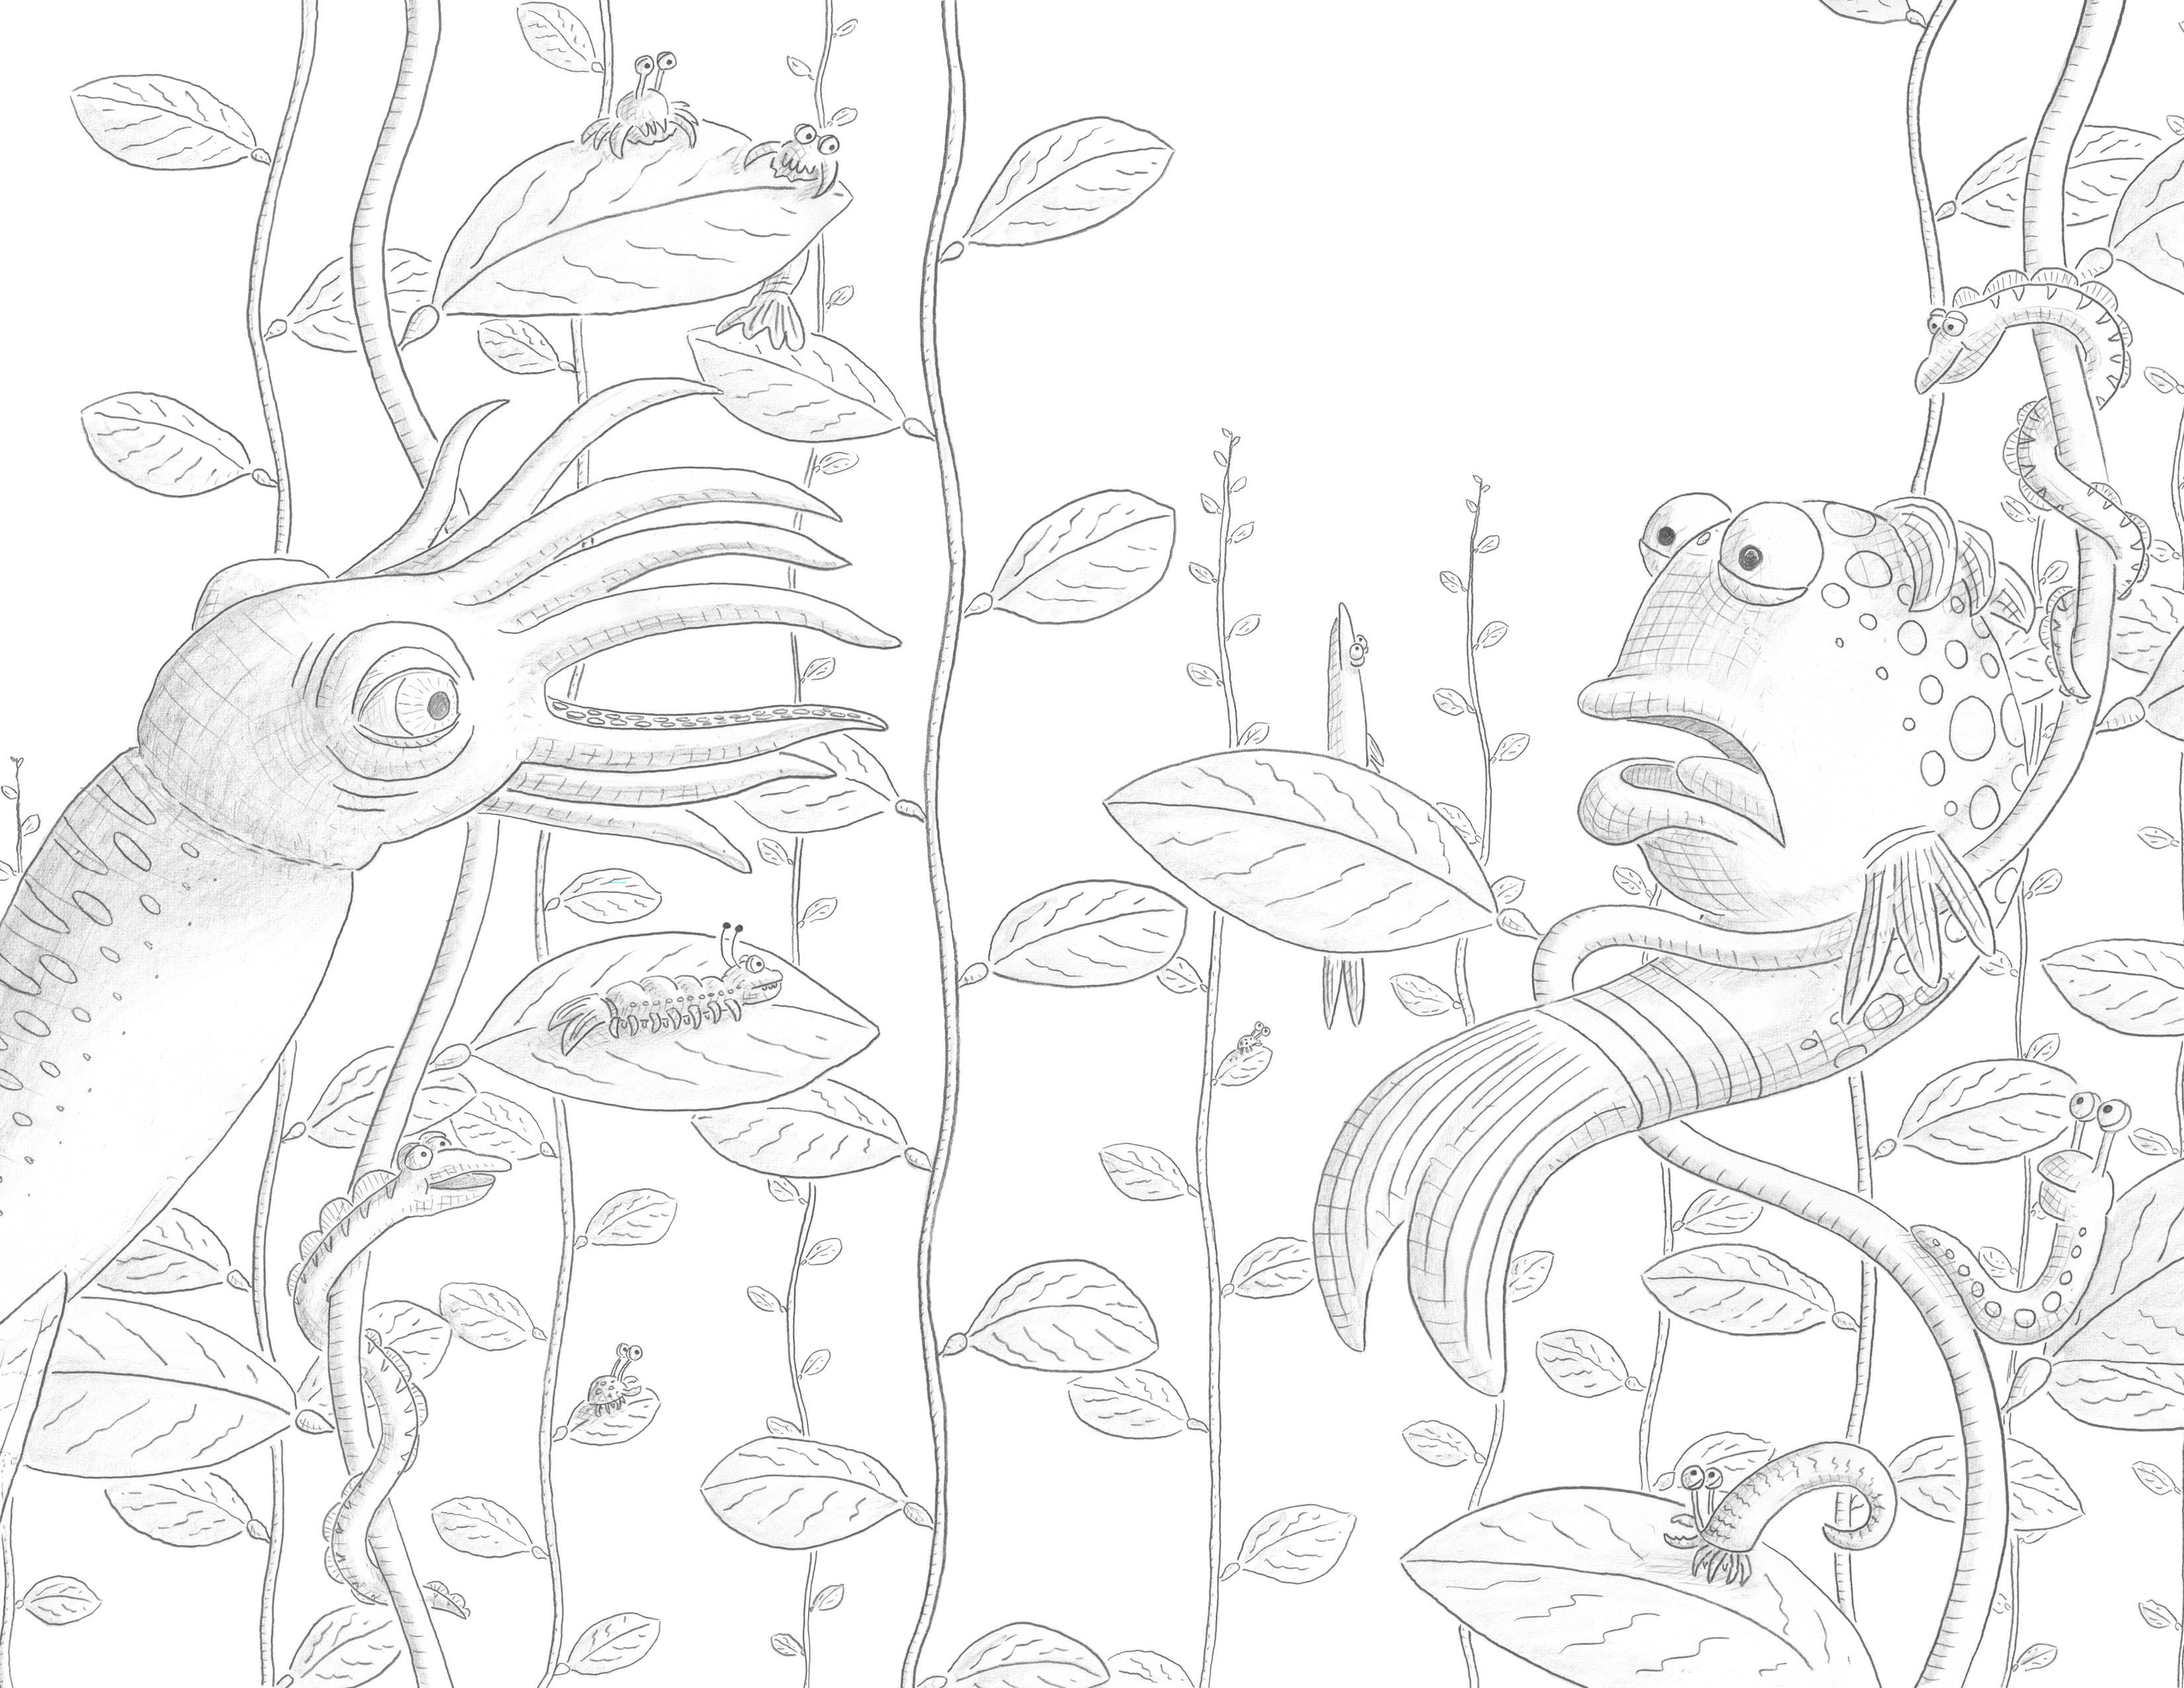 The Pout Pout Fish Coloring Pages Pout Pout Fish Coloring Pages